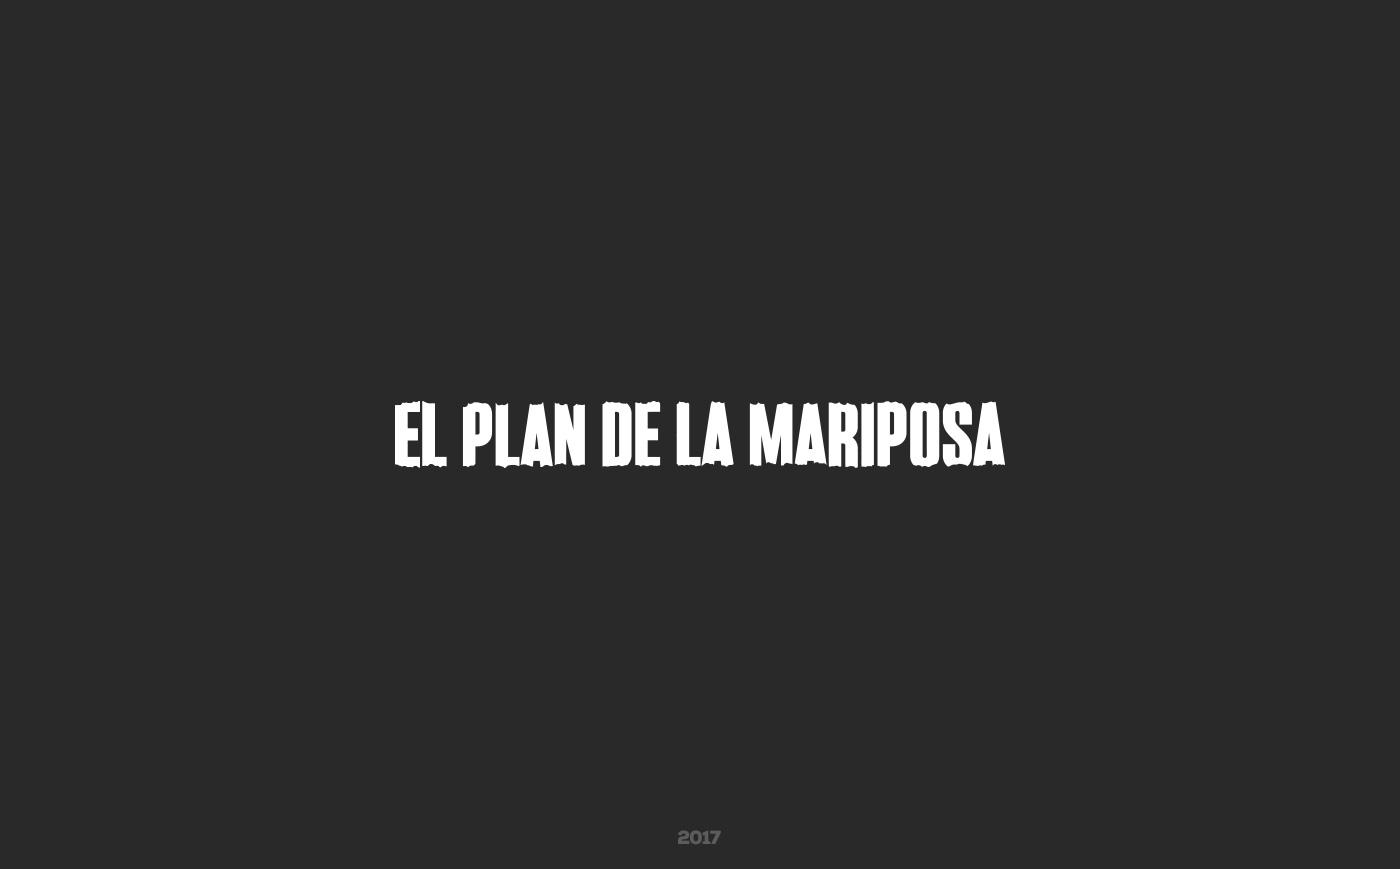 IDENTIDAD-EL-PLAN-DE-LA-MARIPOSA-2017-02